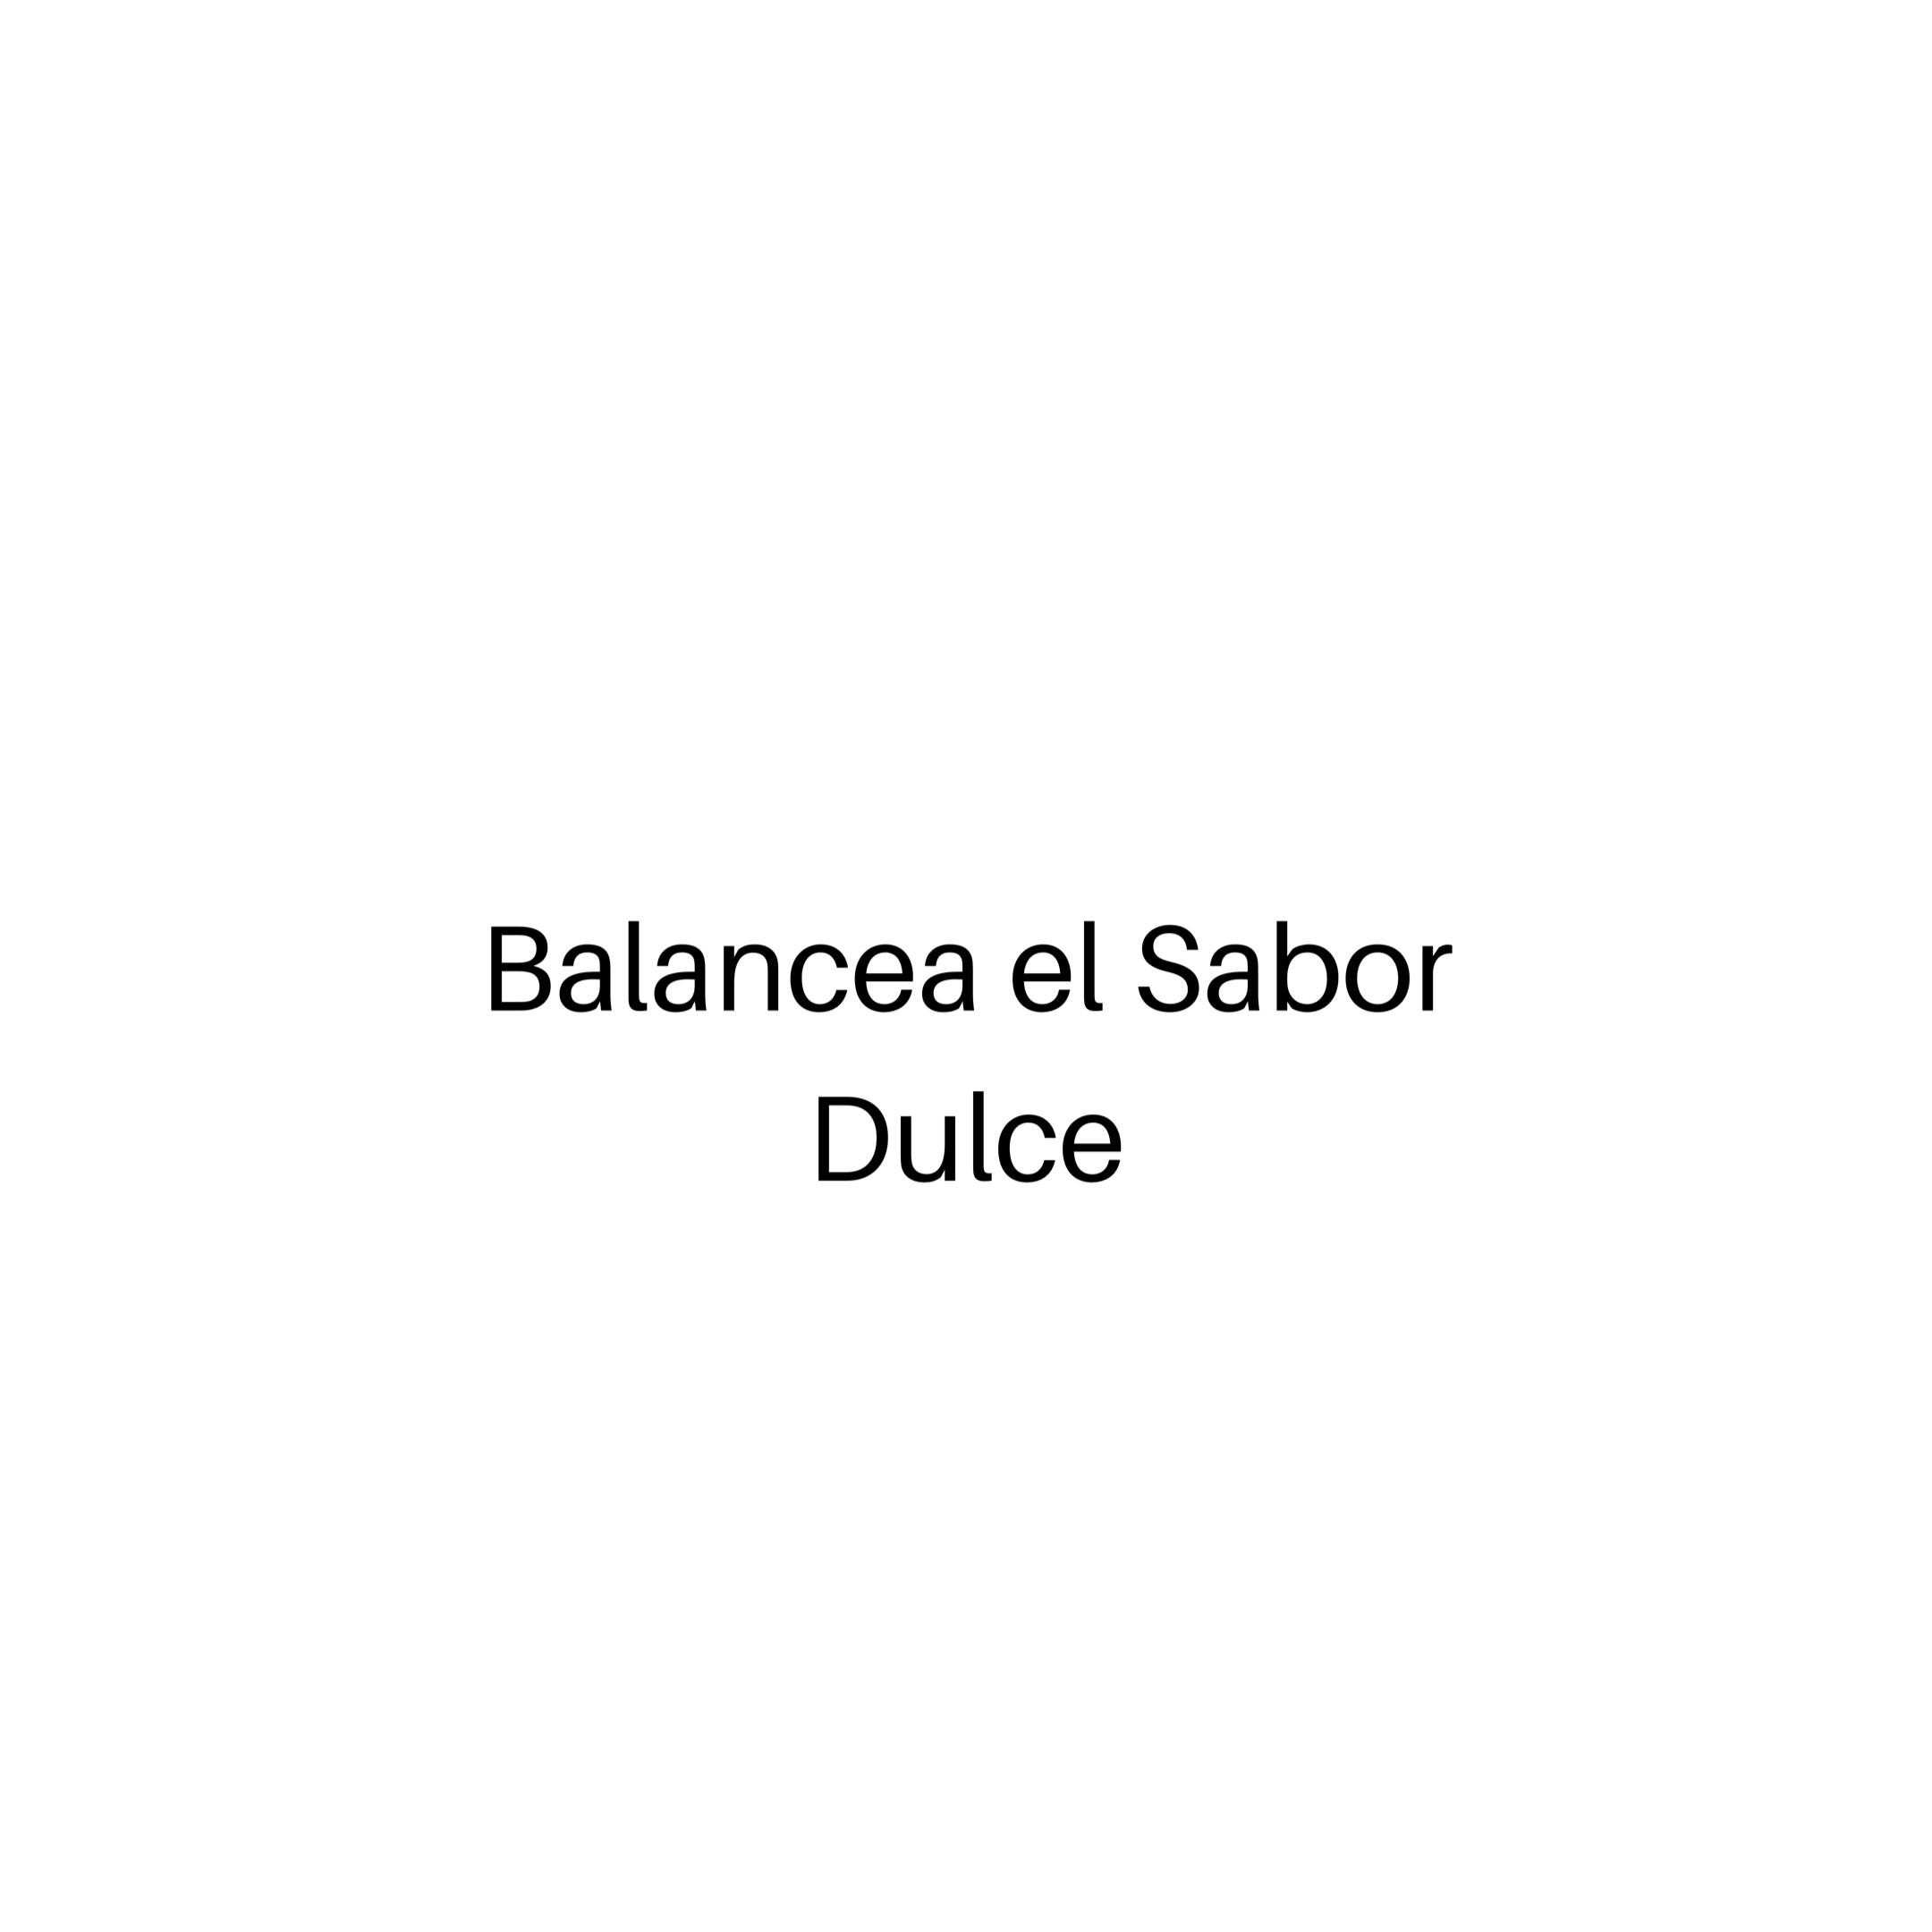 BUEN BALANCE CON LO DULCE